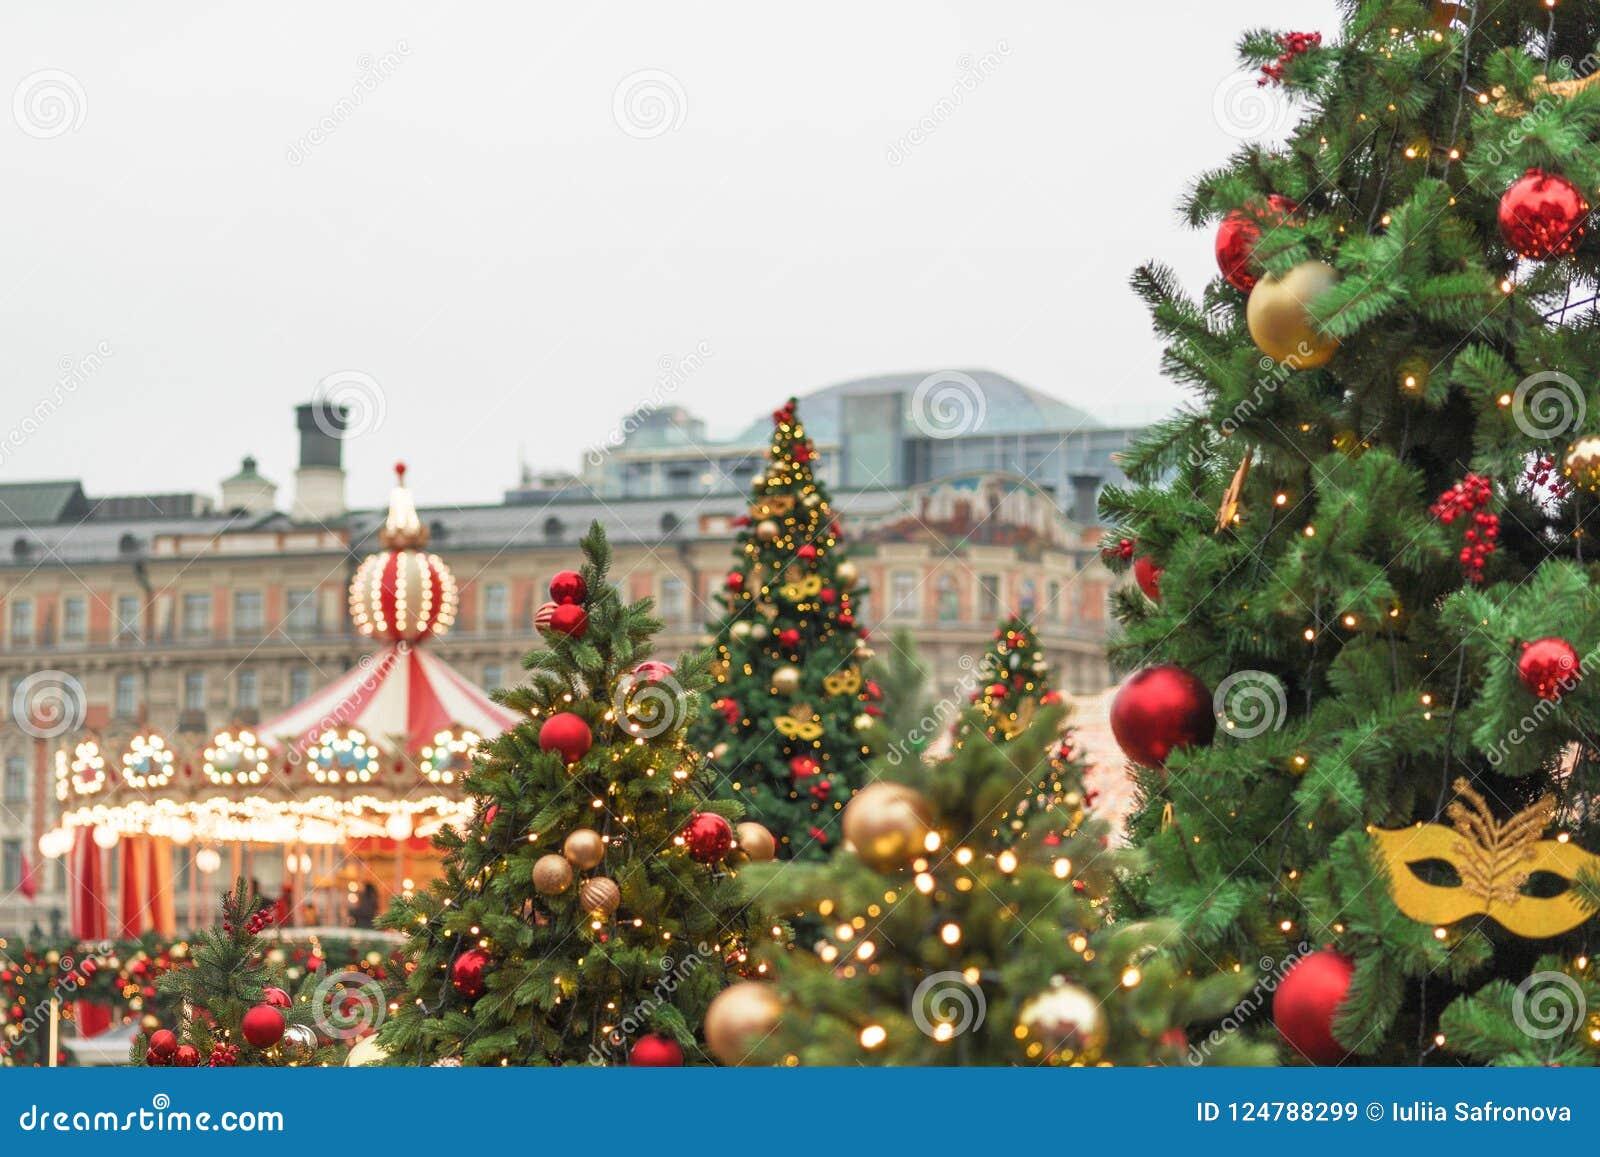 Immagini Alberi Di Natale Decorati.Alberi Di Natale Decorati Con Le Palle Ed I Nastri Contro